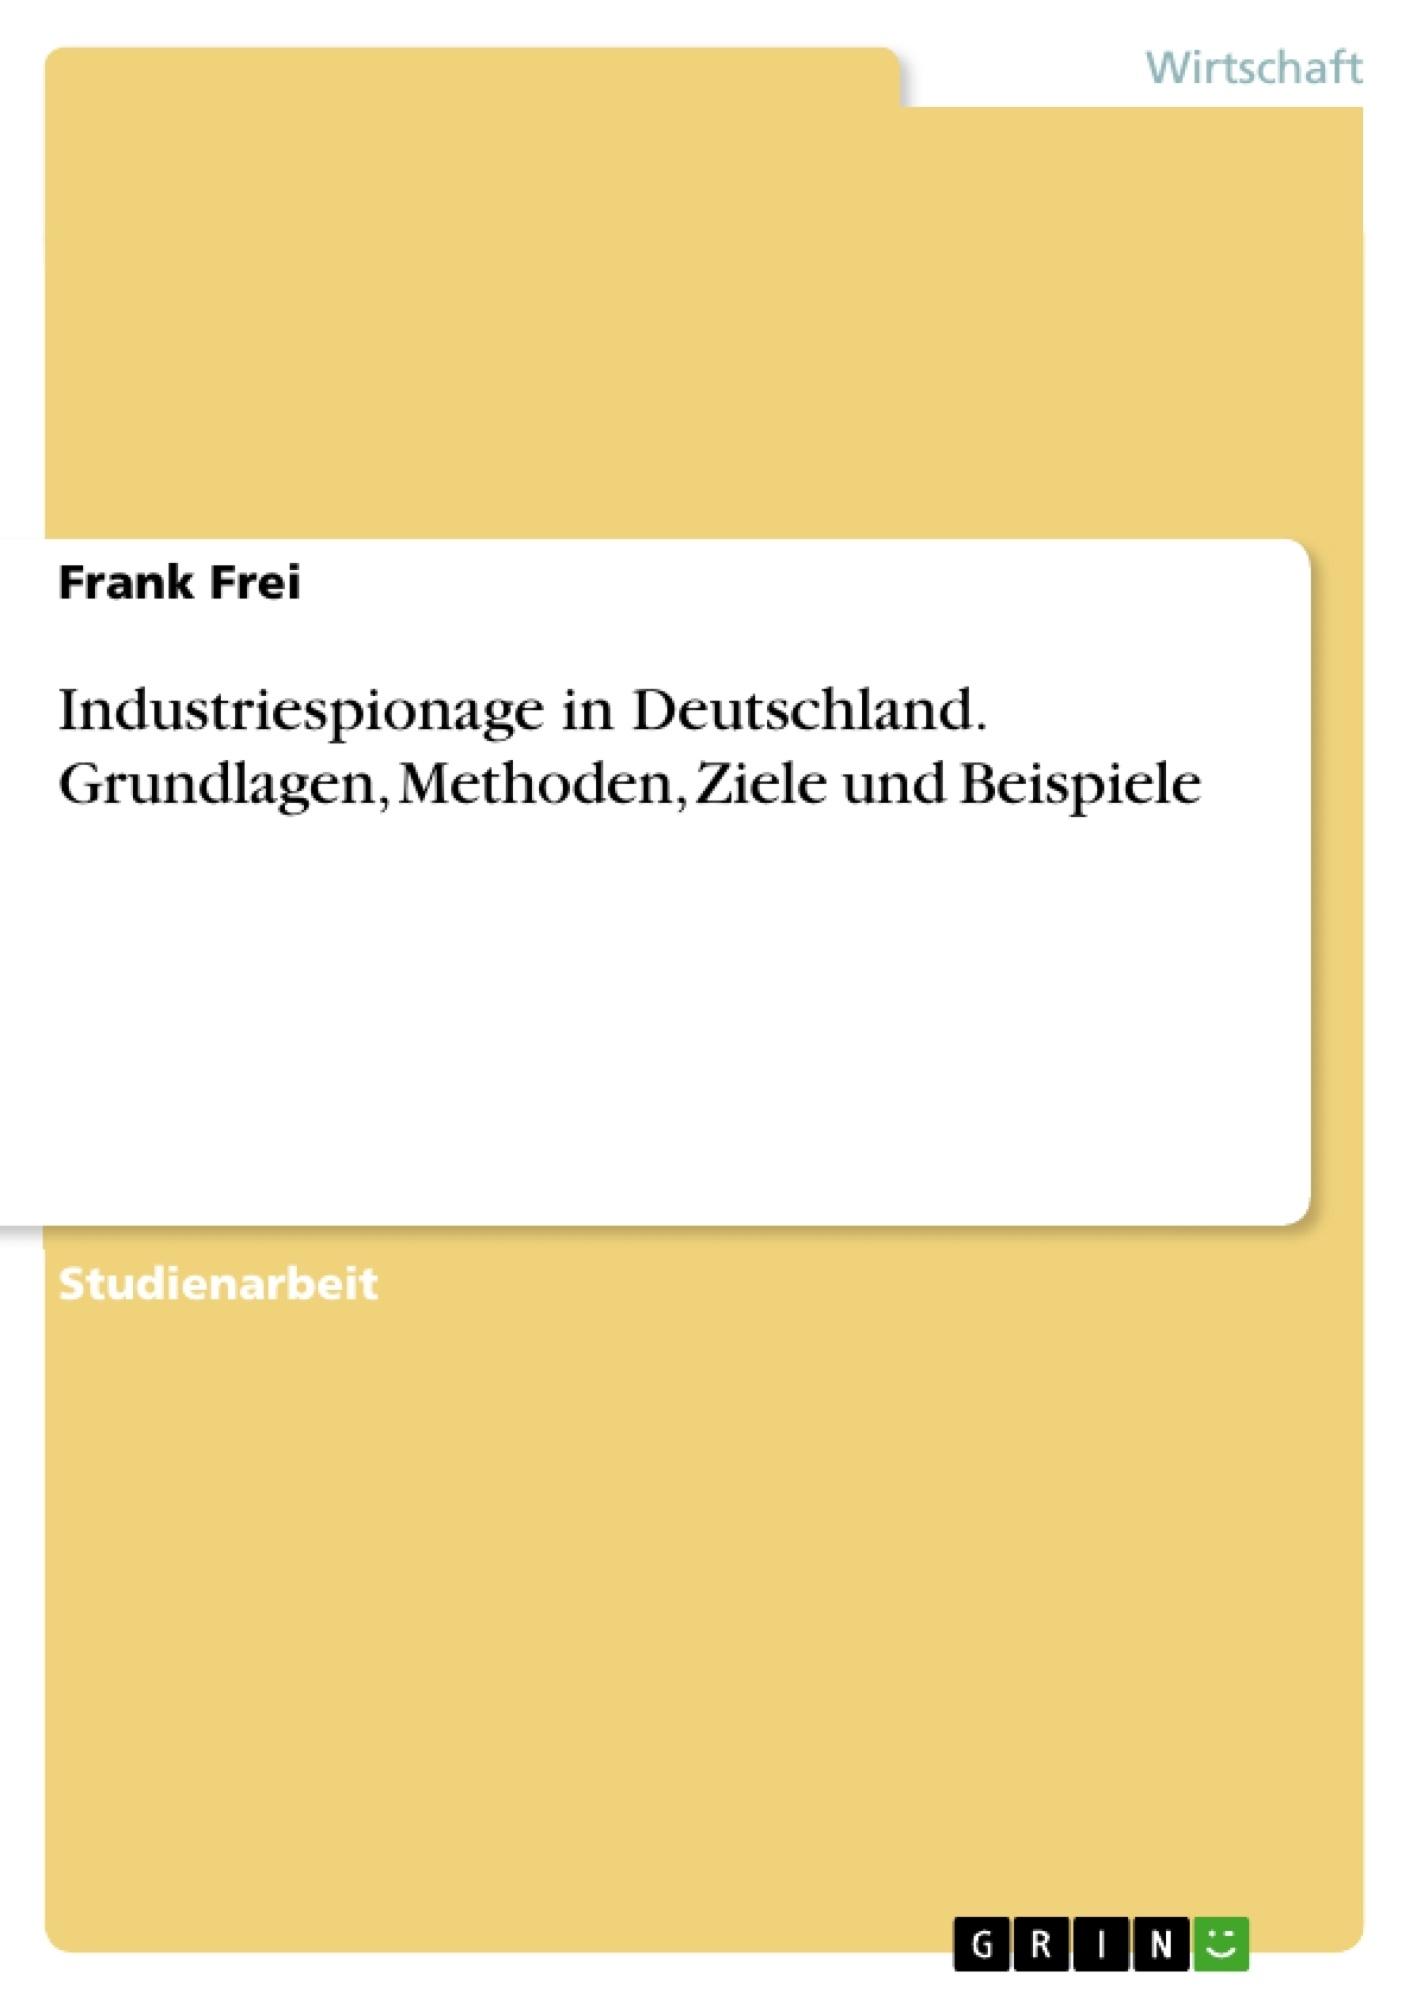 Titel: Industriespionage in Deutschland. Grundlagen, Methoden, Ziele und Beispiele